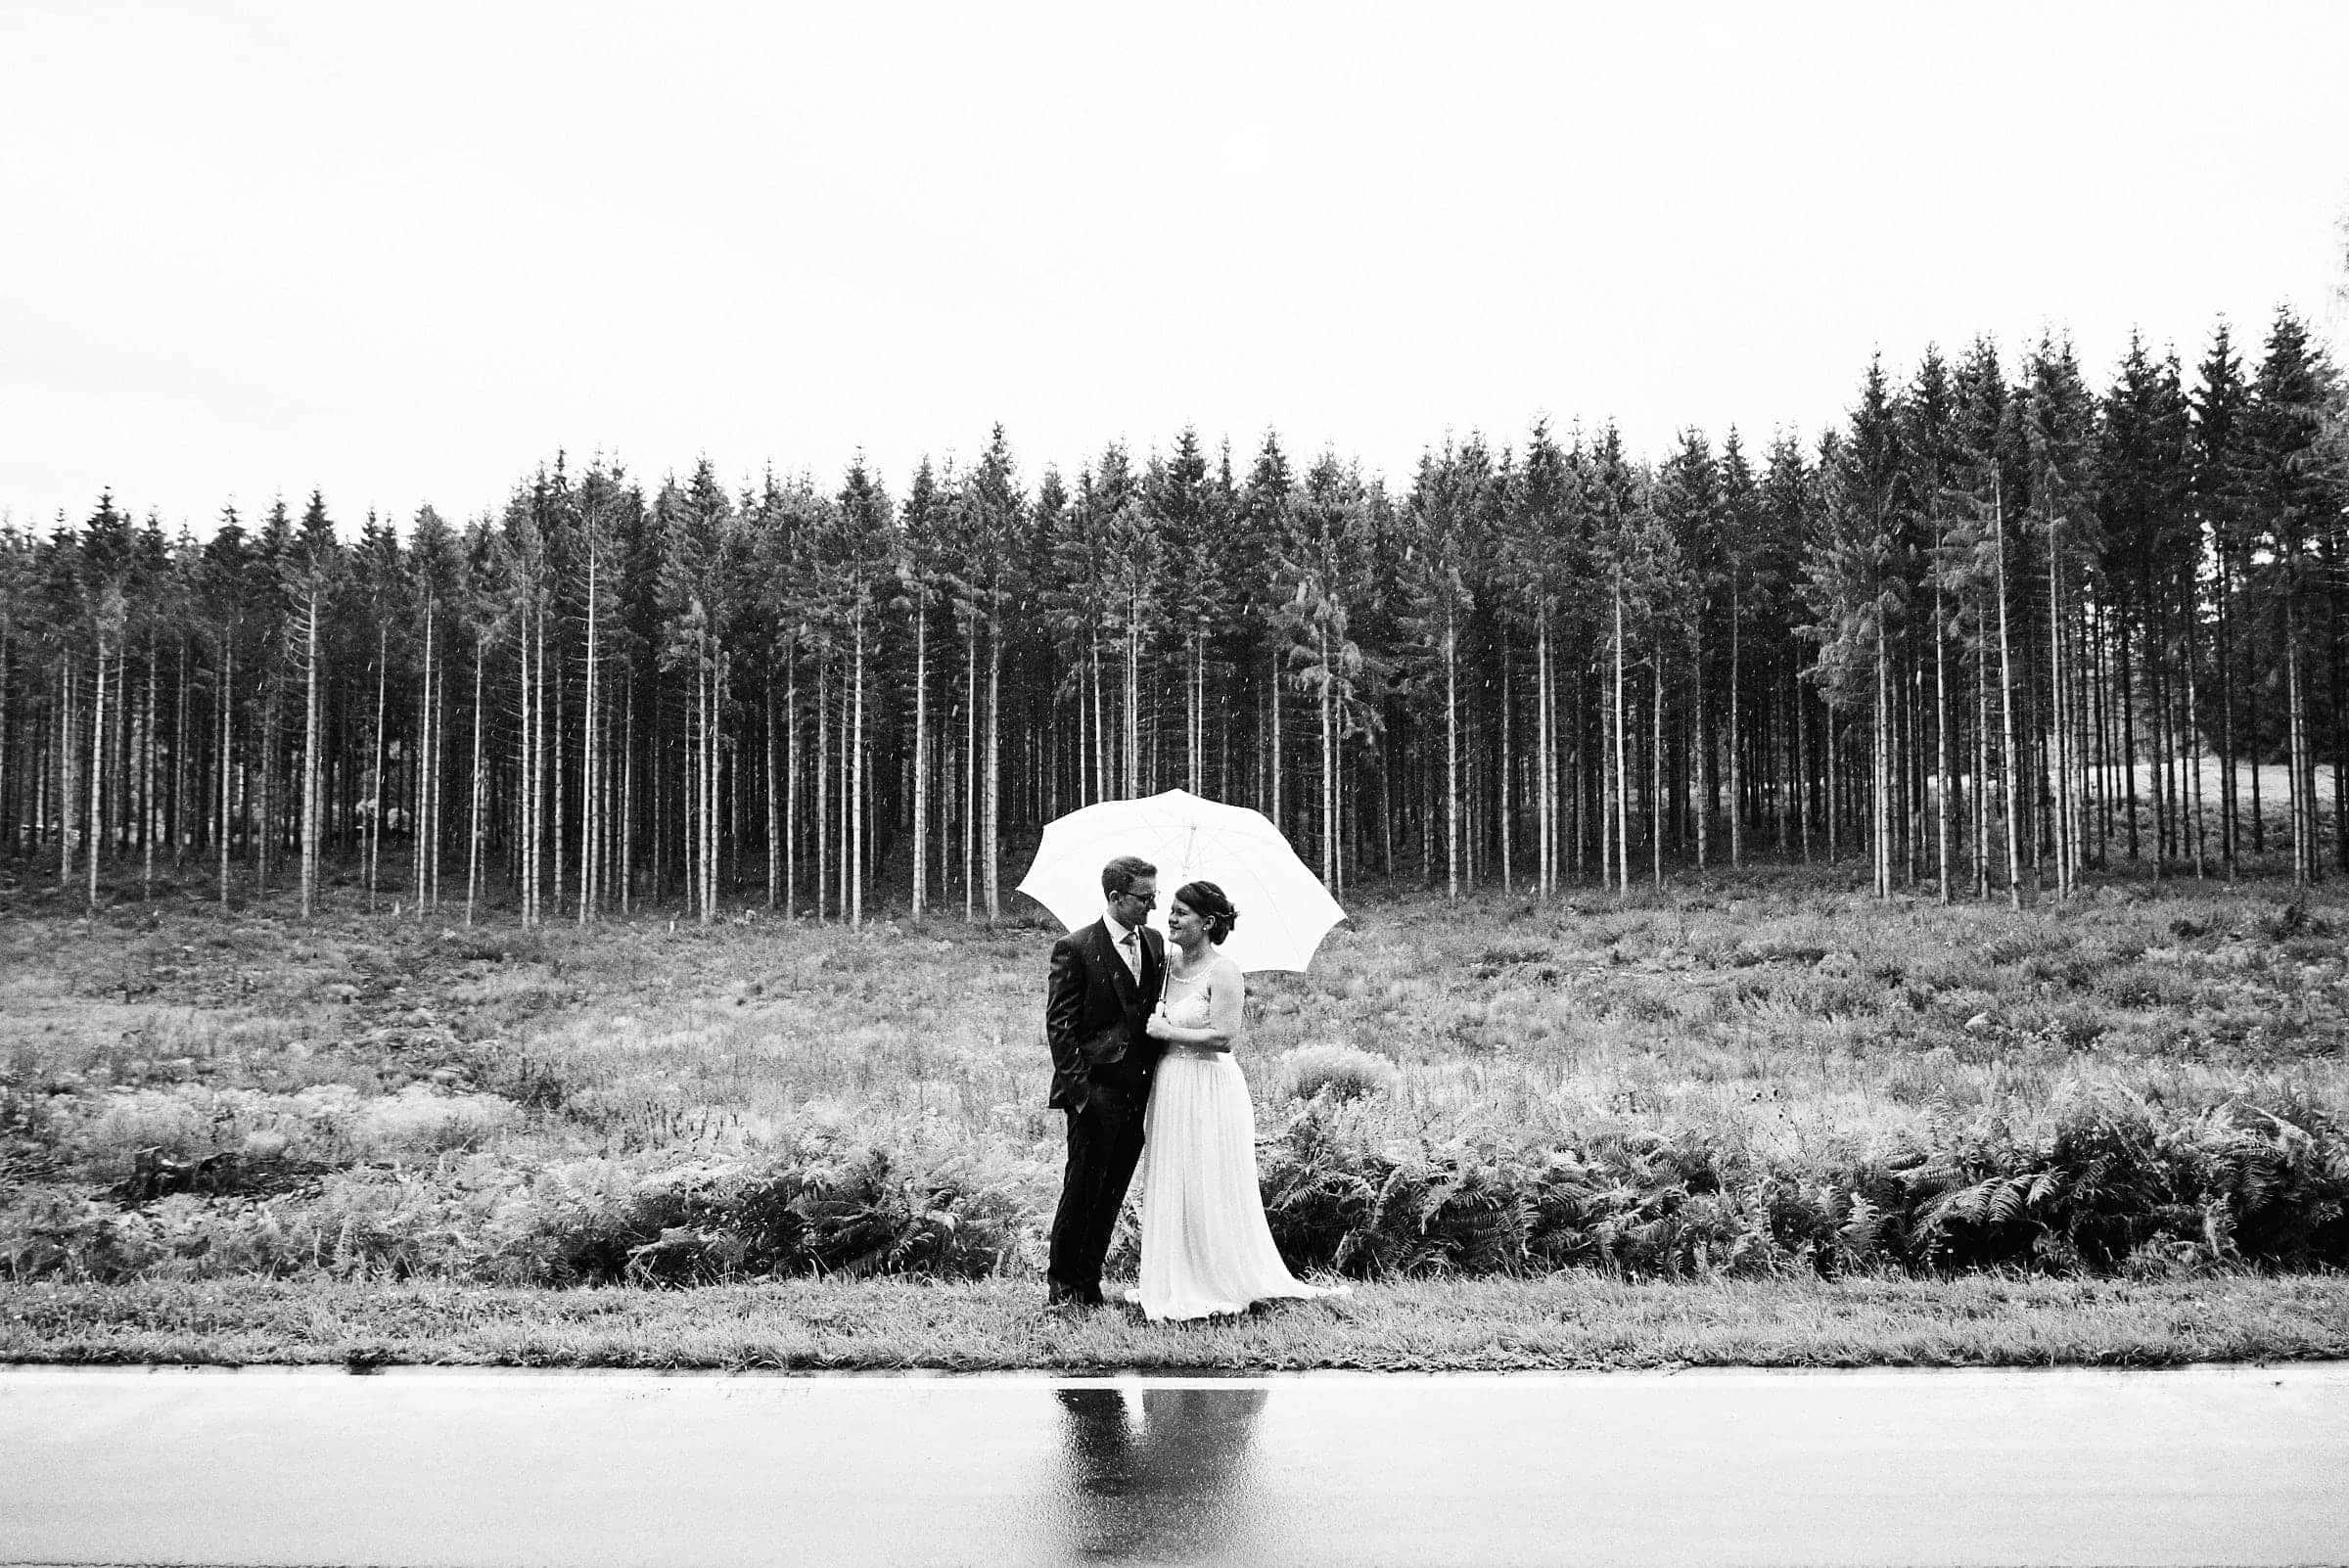 hochzeit fotoshooting bei regen